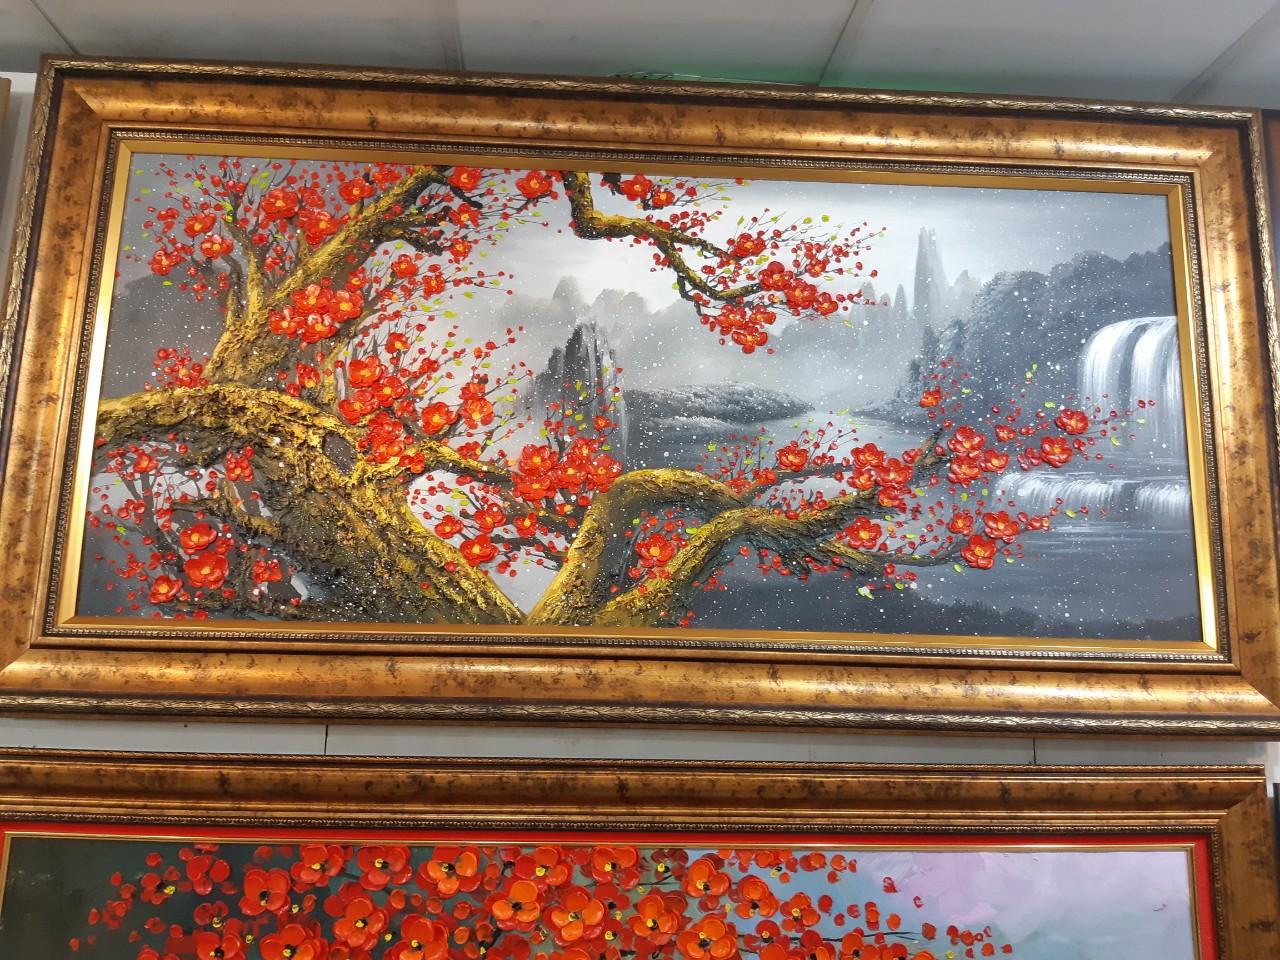 tranh sơn dầu hoa đào tphcm